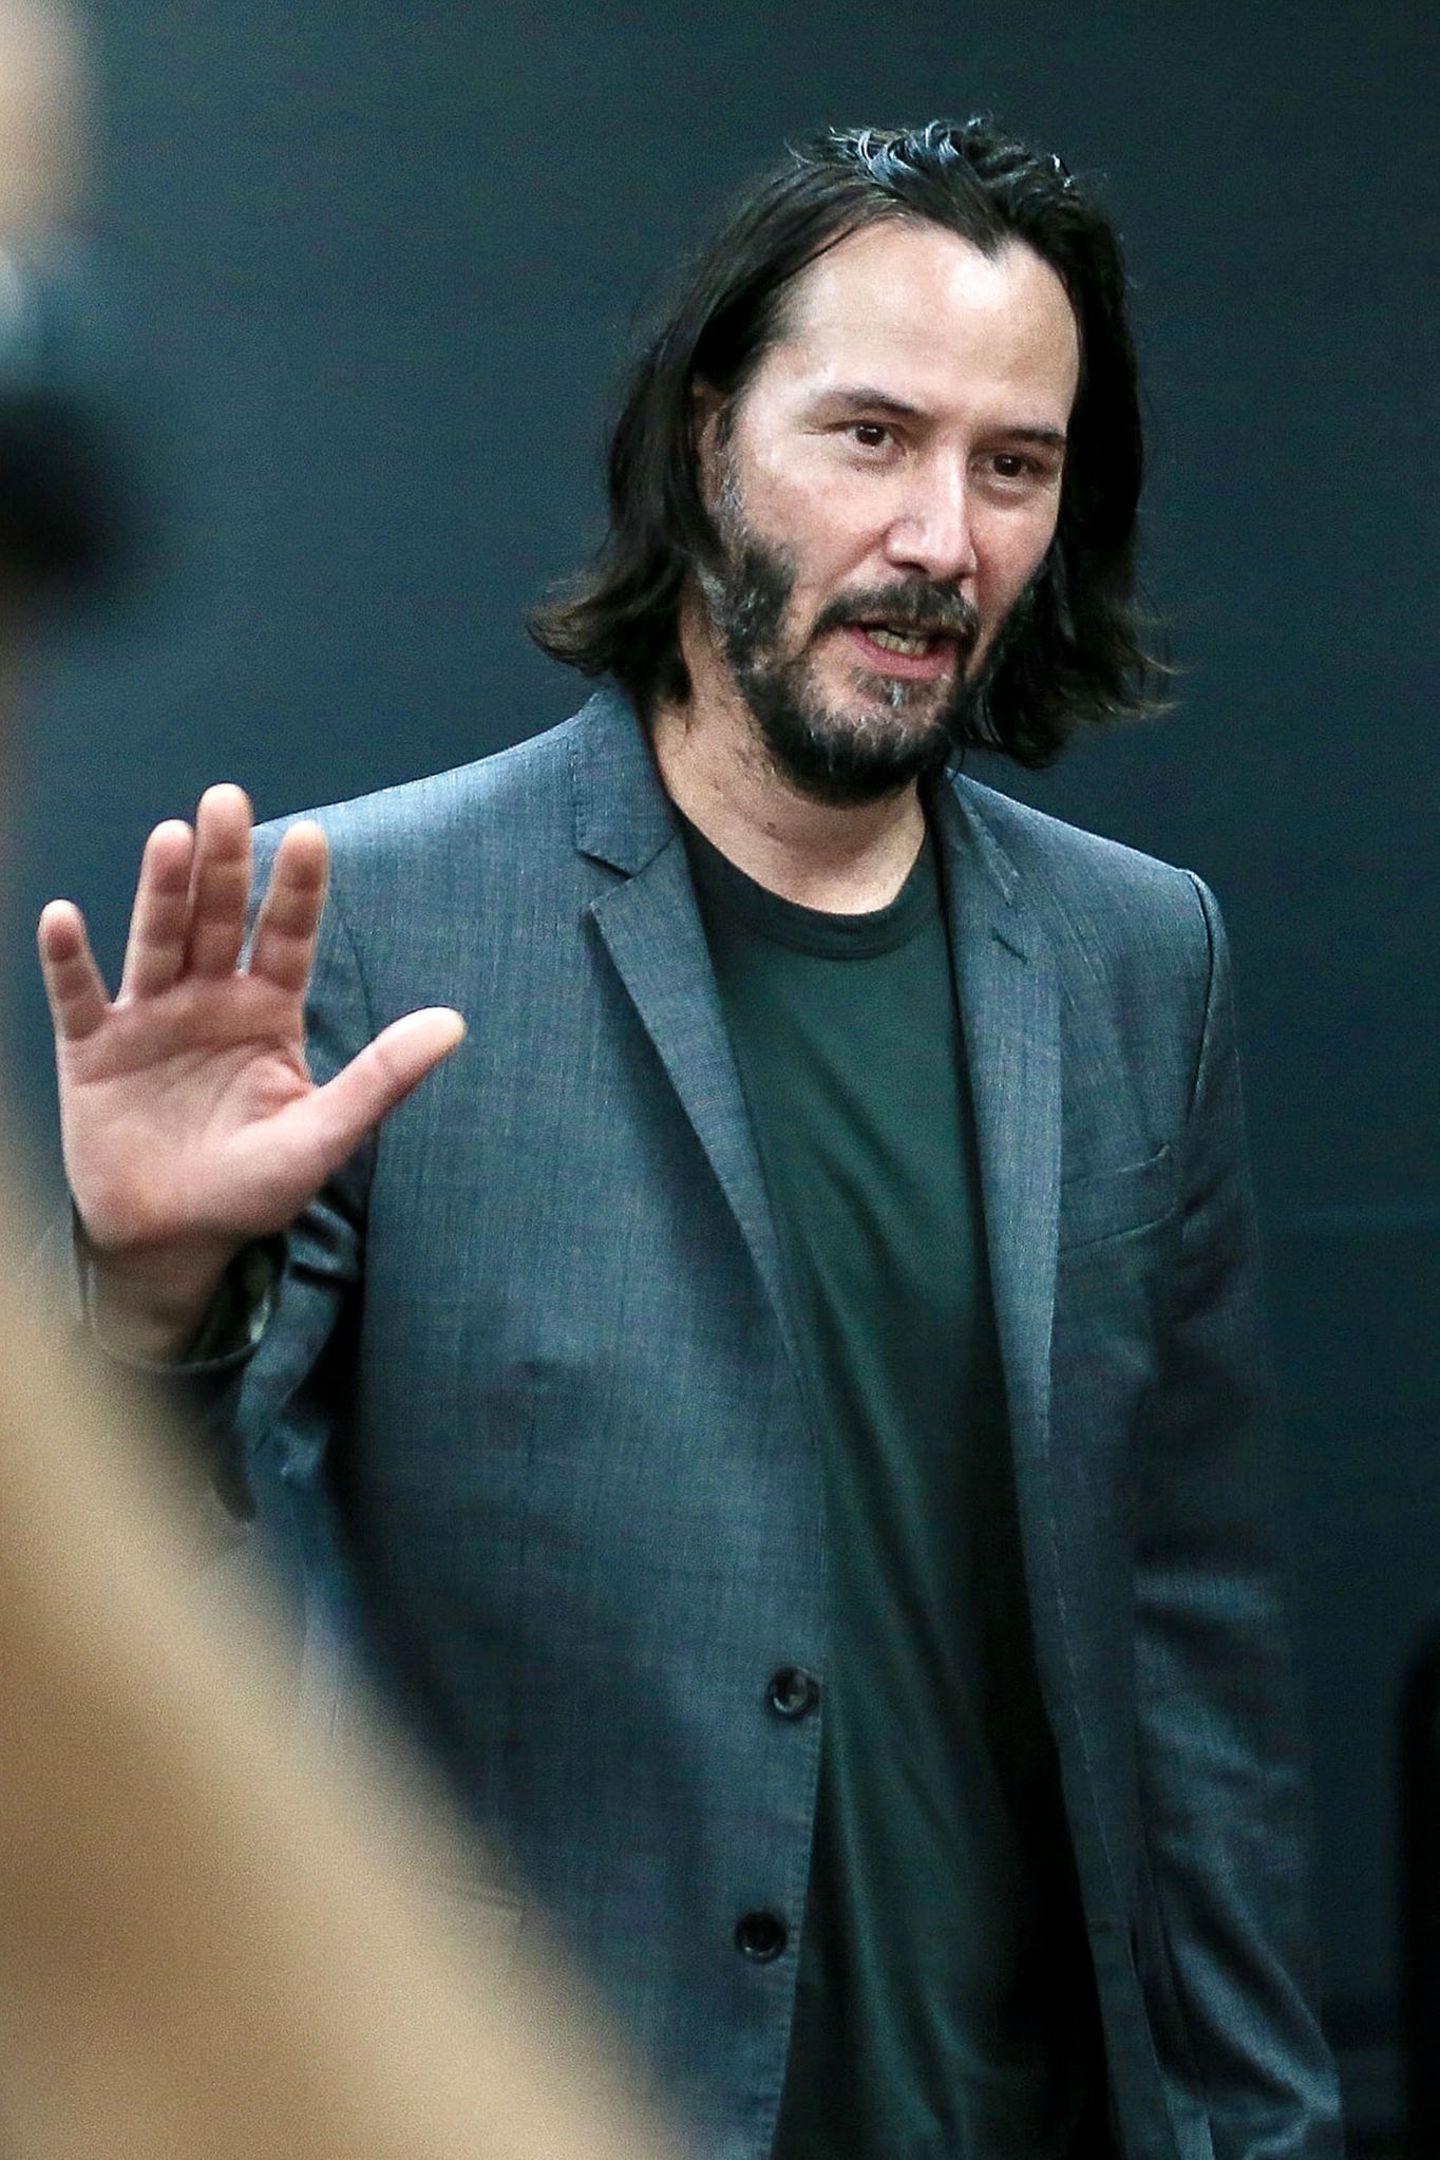 """Keanu Reeves ist mit der """"Matrix""""-Trilogie zur Hollywood-Legende geworden, in seiner Karriere sindaber auch Flops und eher weniger bekannte Indie-Filme vertreten. Zuletzt war er an der Seite von Winona Ryderin der romantischen Komödie """"Destination Wedding"""" zu sehen."""